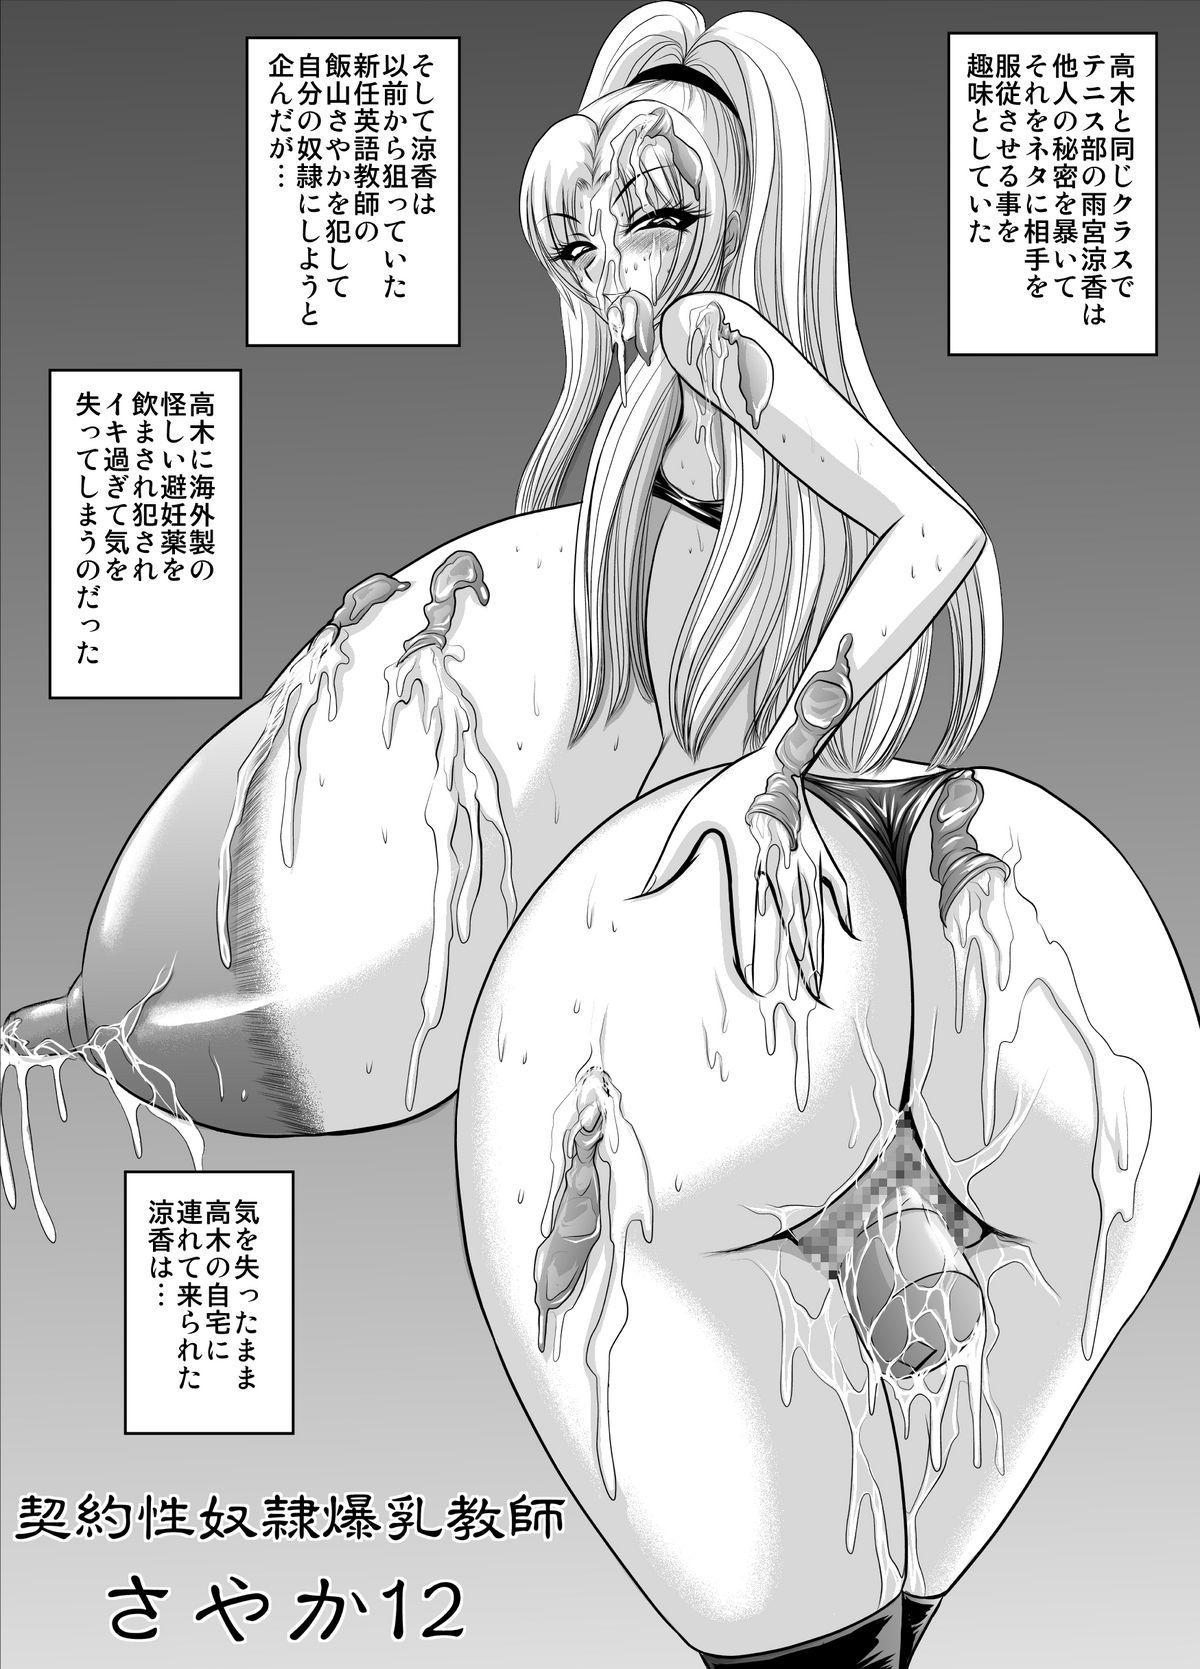 Keiyaku Sei Dorei Bakunyuu Kyoushi Sayaka 12 0